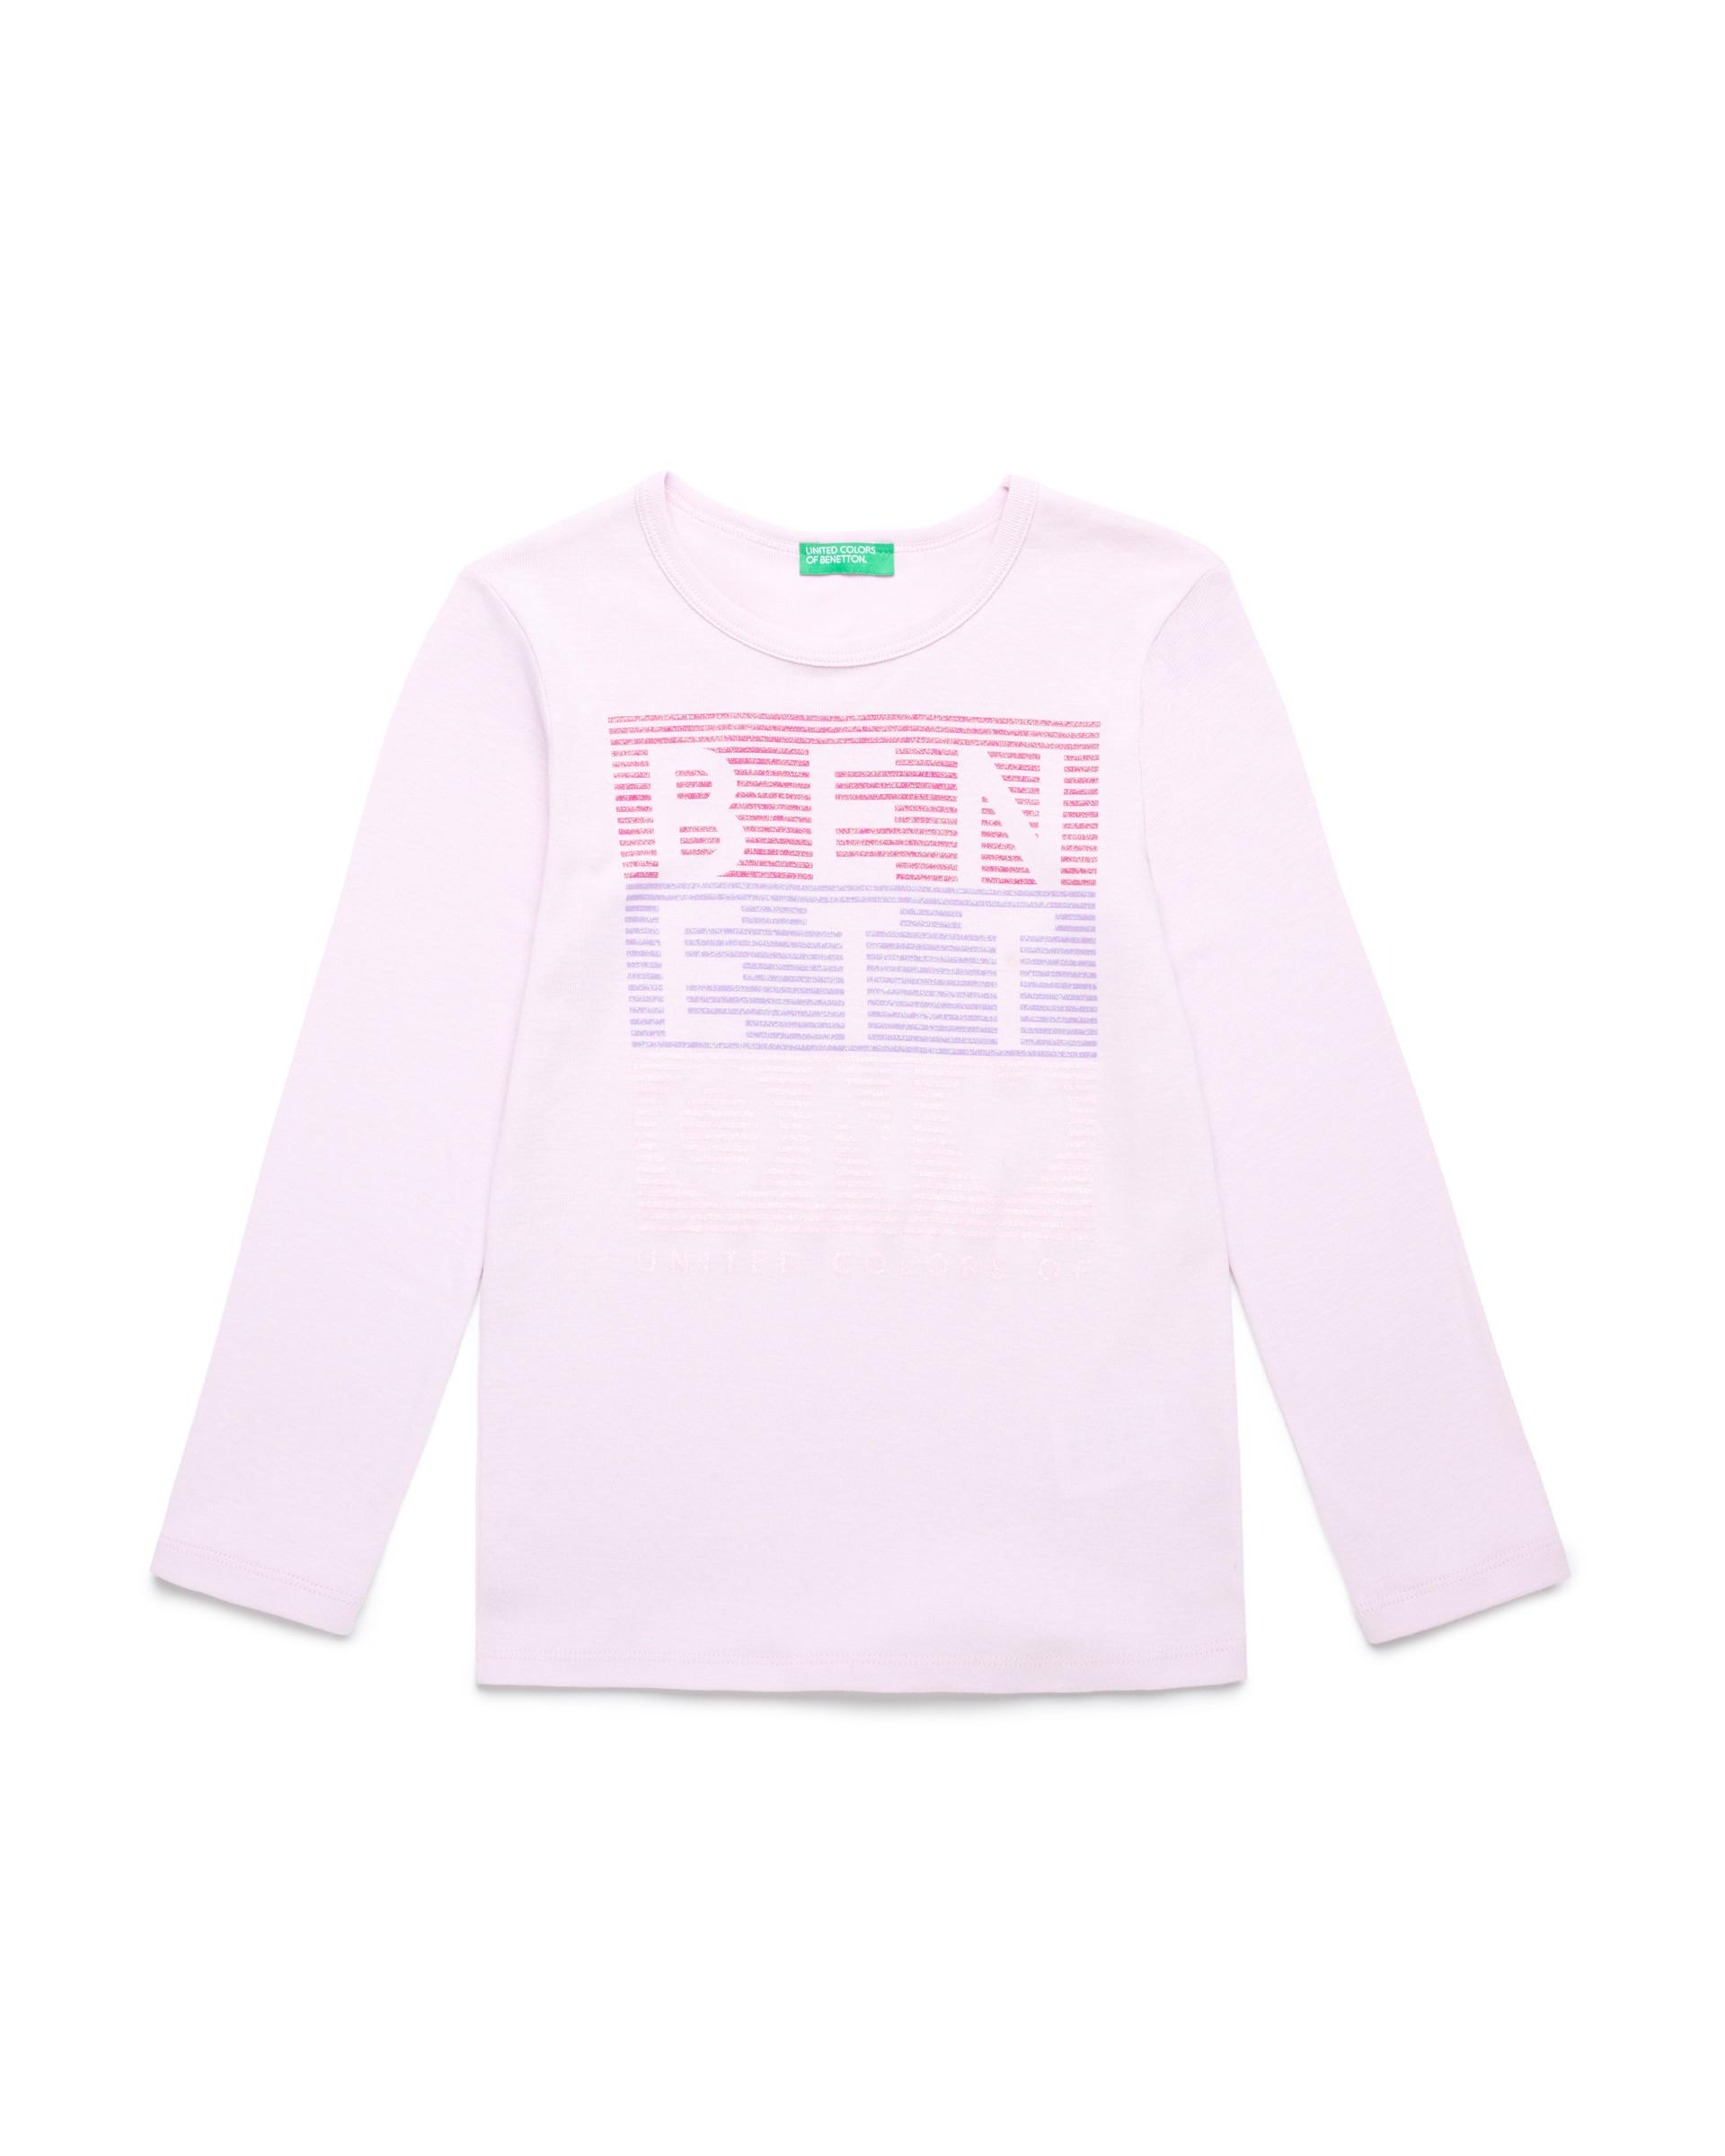 Купить 20P_3I9WC14J3_07M, Футболка для девочек Benetton 3I9WC14J3_07M р-р 92, United Colors of Benetton, Кофточки, футболки для новорожденных